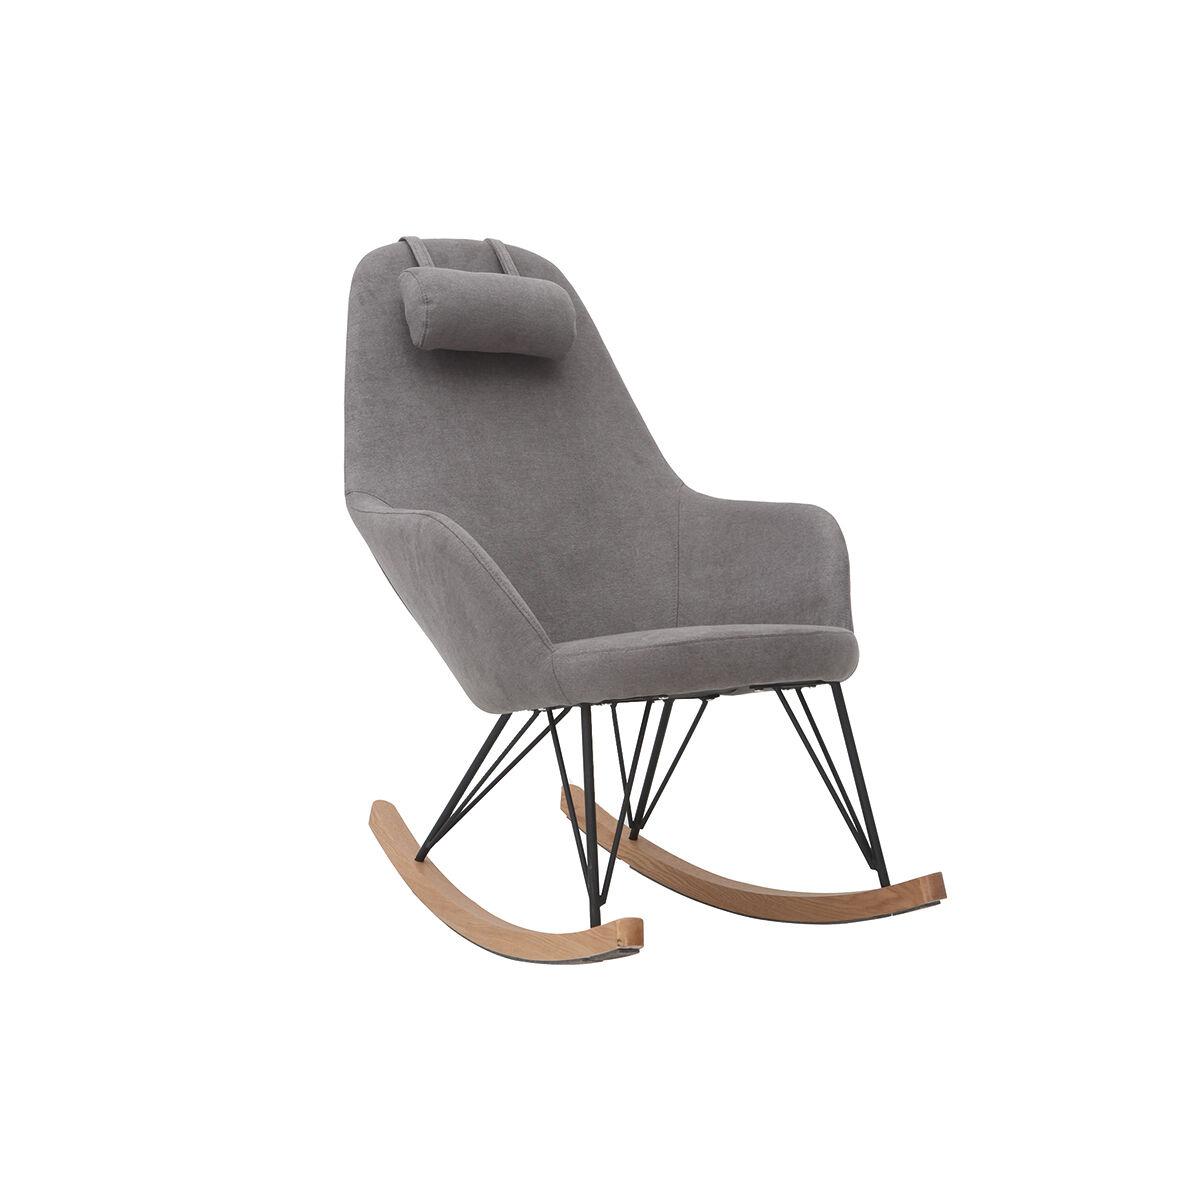 Miliboo Rocking chair en tissu effet velours gris avec pieds métal et bois JHENE